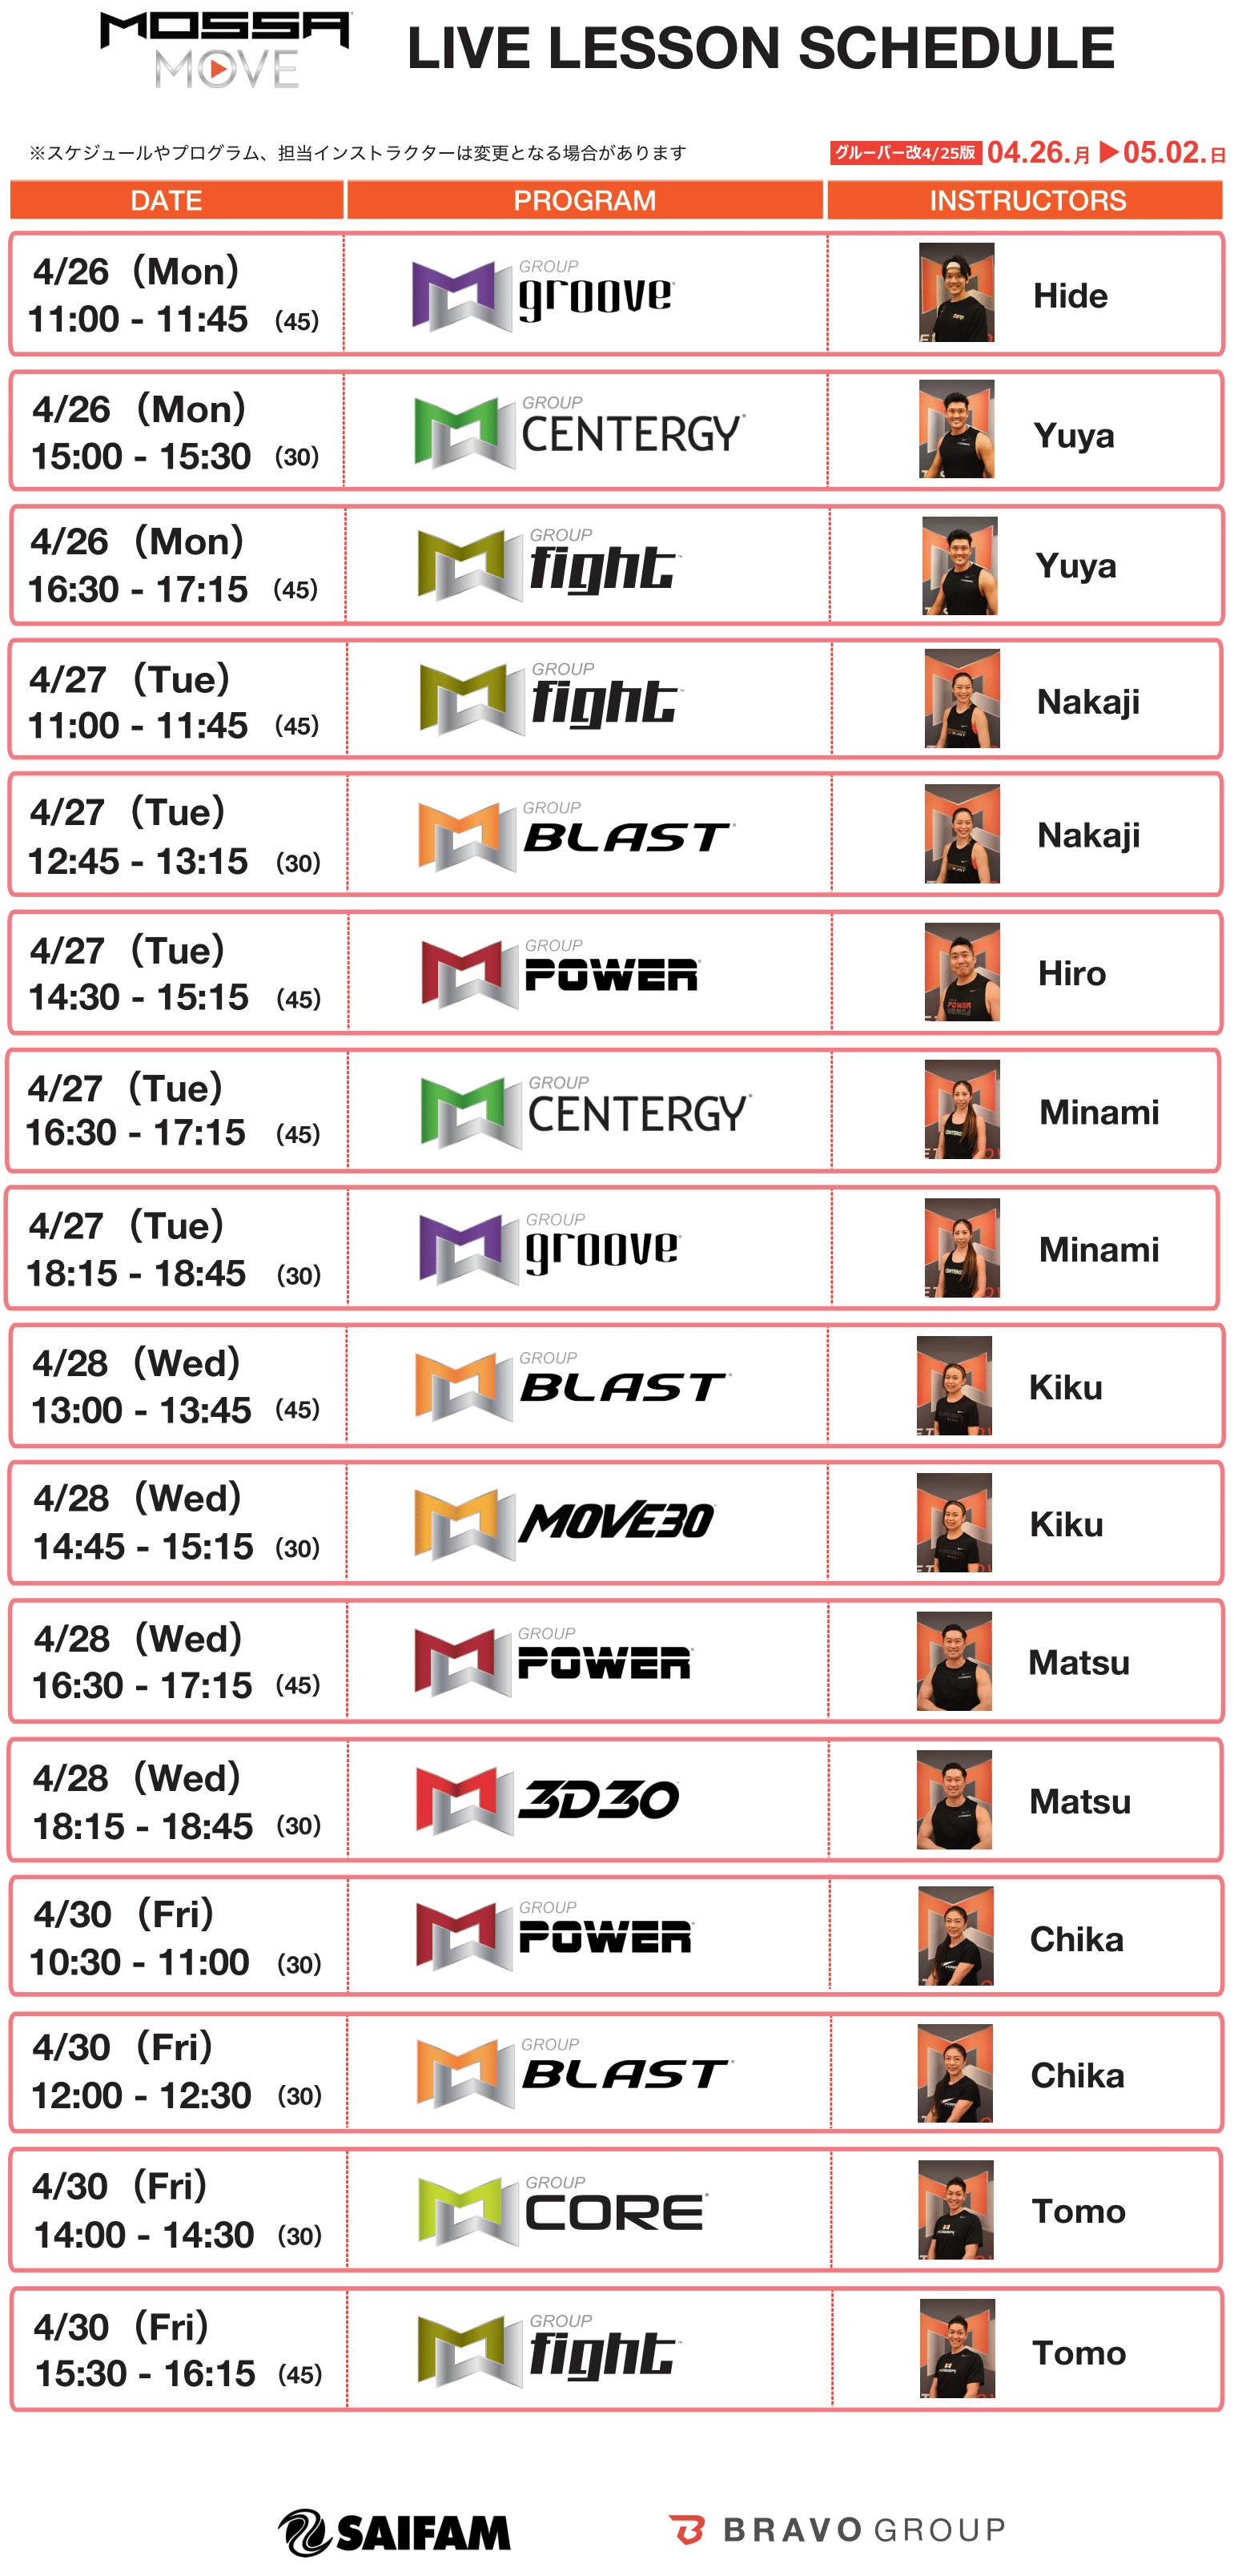 【MOSSA MOVE 4/26-5/2ライブ配信スケジュール】